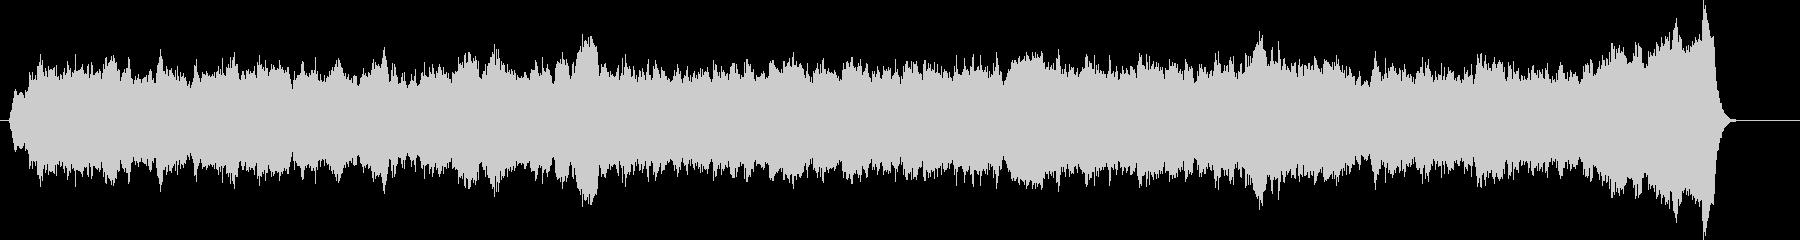 パイプオルガンのオリジナル前奏曲の未再生の波形